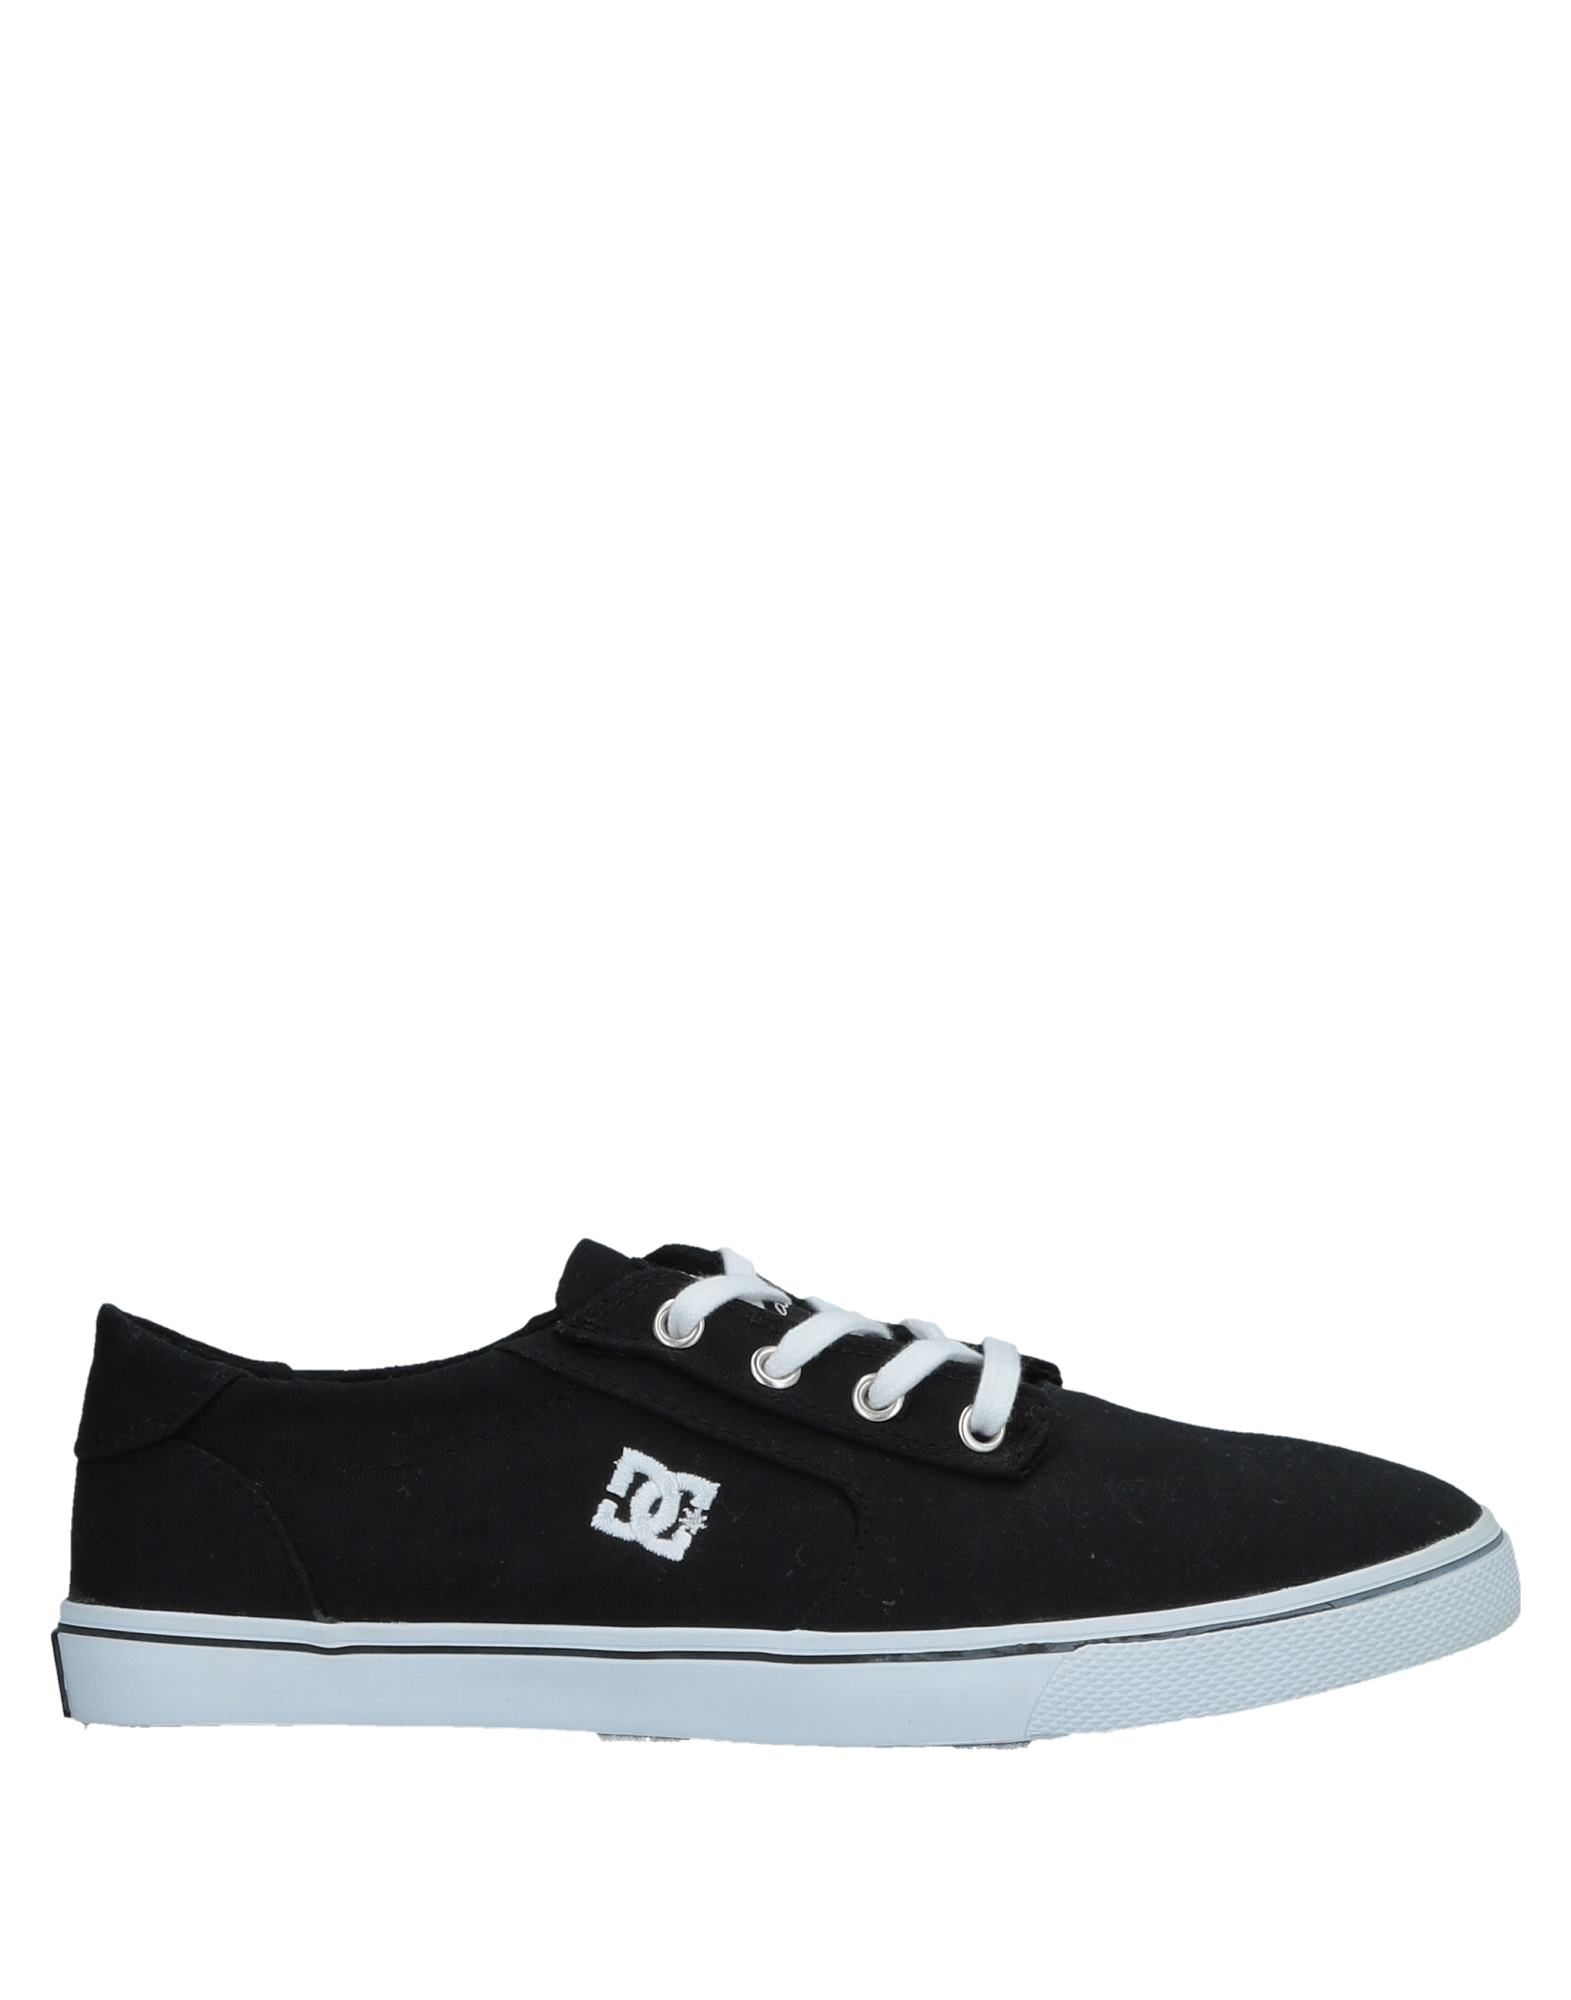 Sneakers Dc Shoecousa Donna - 11509251WL